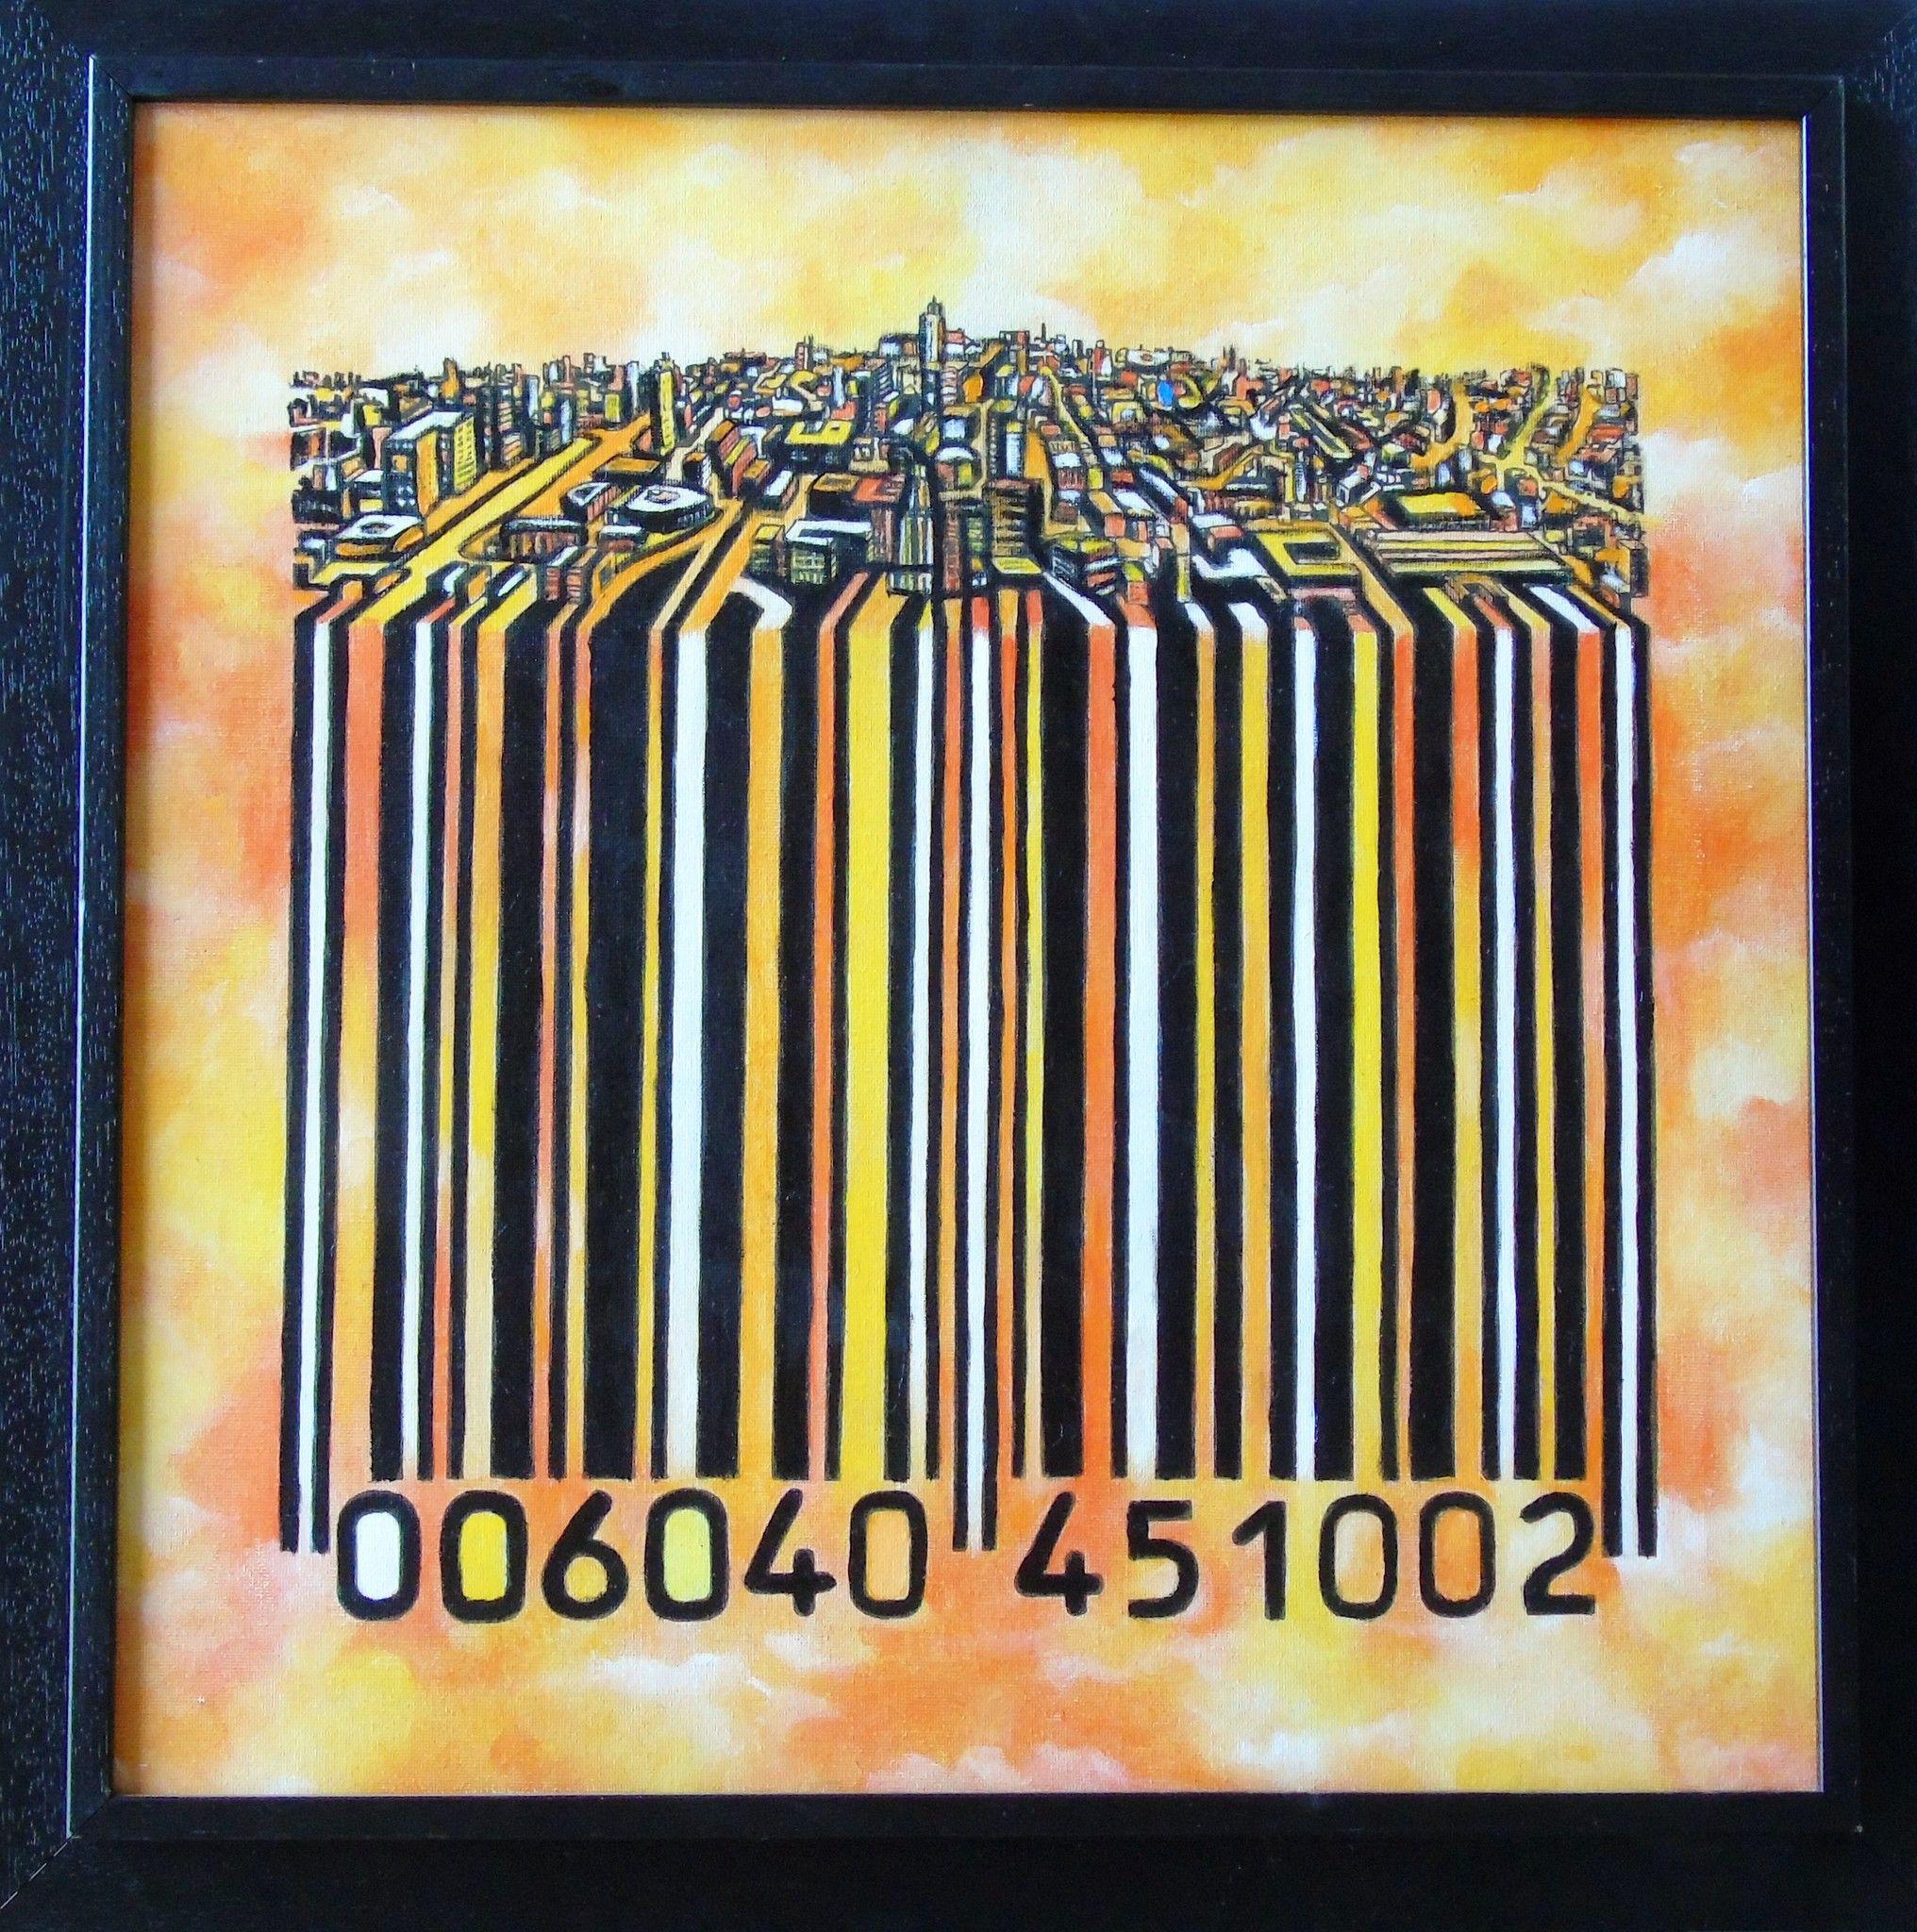 OLIO SU TELA SEBASTIAN DE GOBBIS ' CODECITY@COLDINJULY '  dimensioni L 49 x H 49 cm.